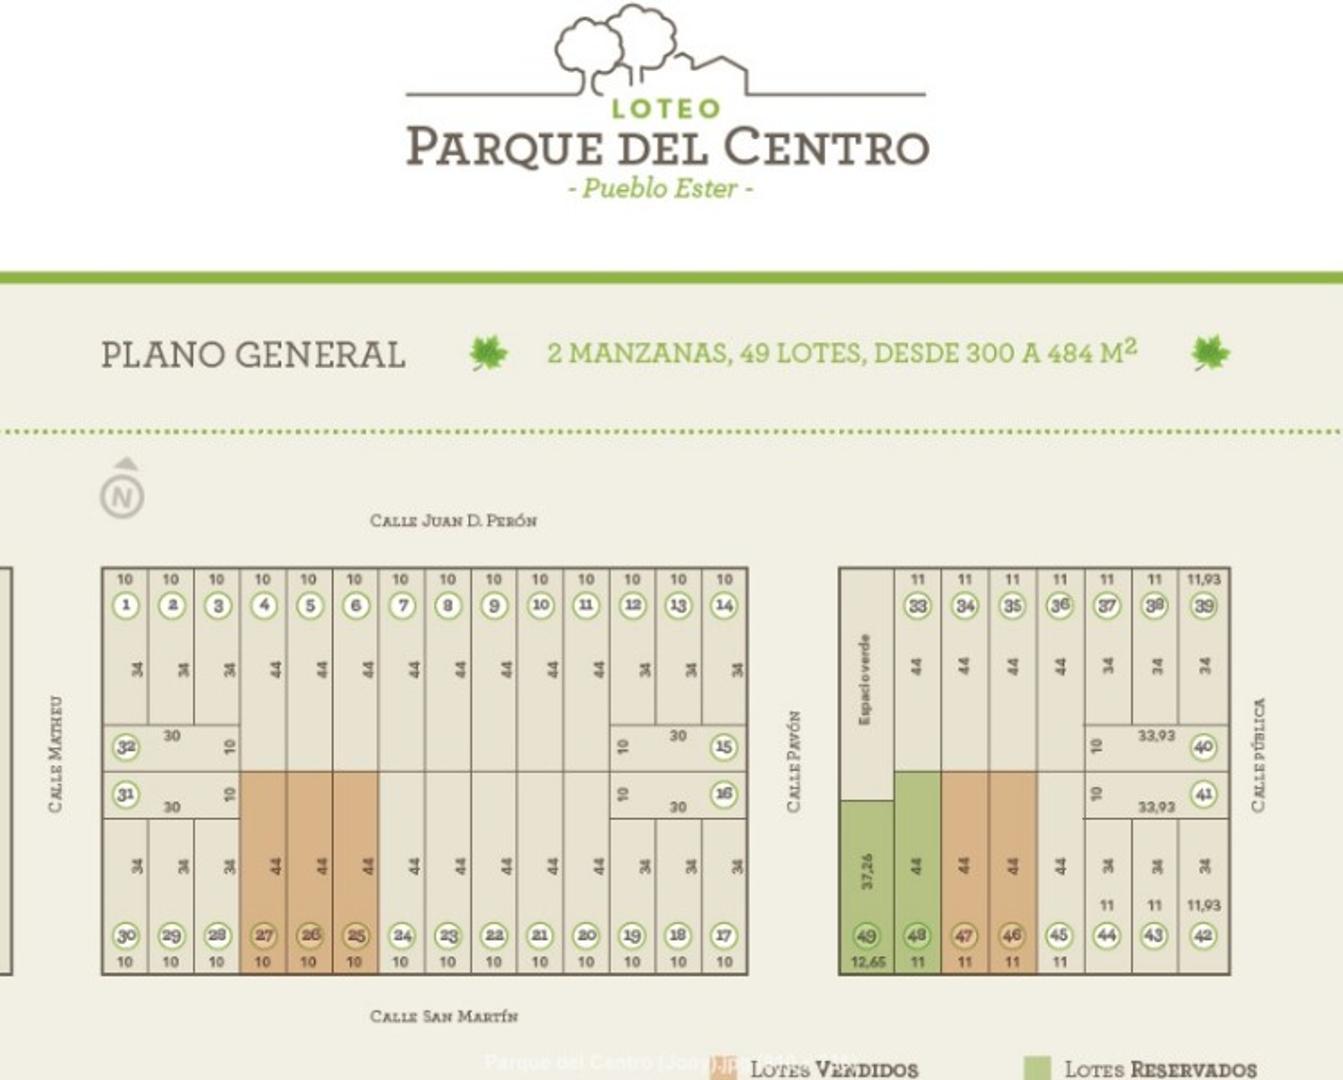 EXCELENTES LOTES EN PUEBLO ESTHER CERCANO A LA COMUNA